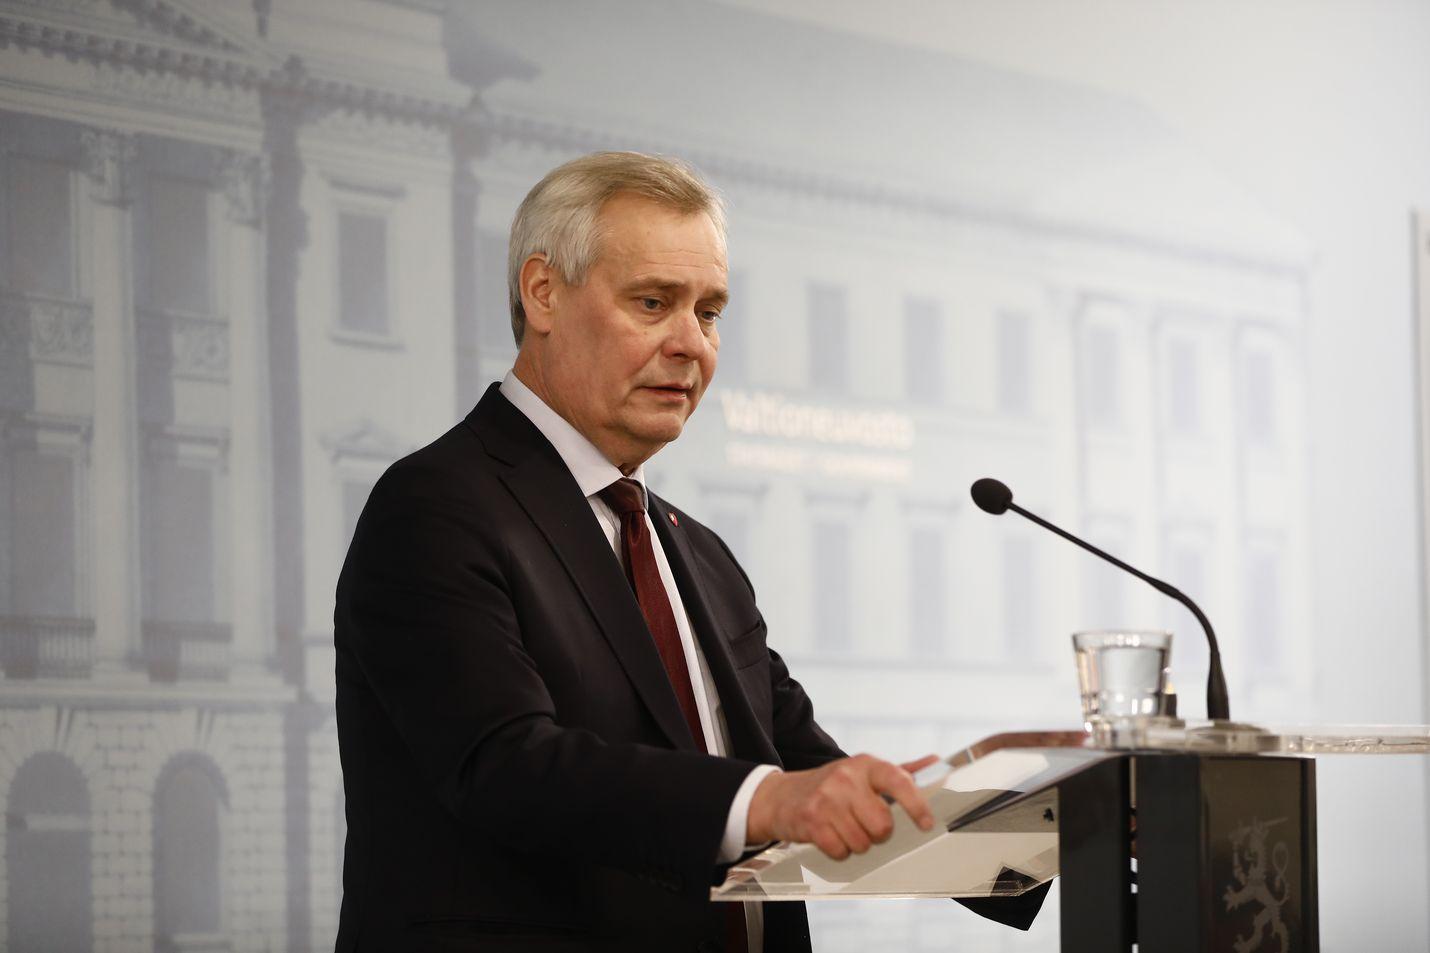 Väistyvä pääministeri Antti Rinne (sd.) sanoi tiedotustilaisuudessa, että erosi kuultuaan keskustan perustelut epäluottamukselle, jota keskusta kertoo Rinnettä kohtaan kokeneensa.